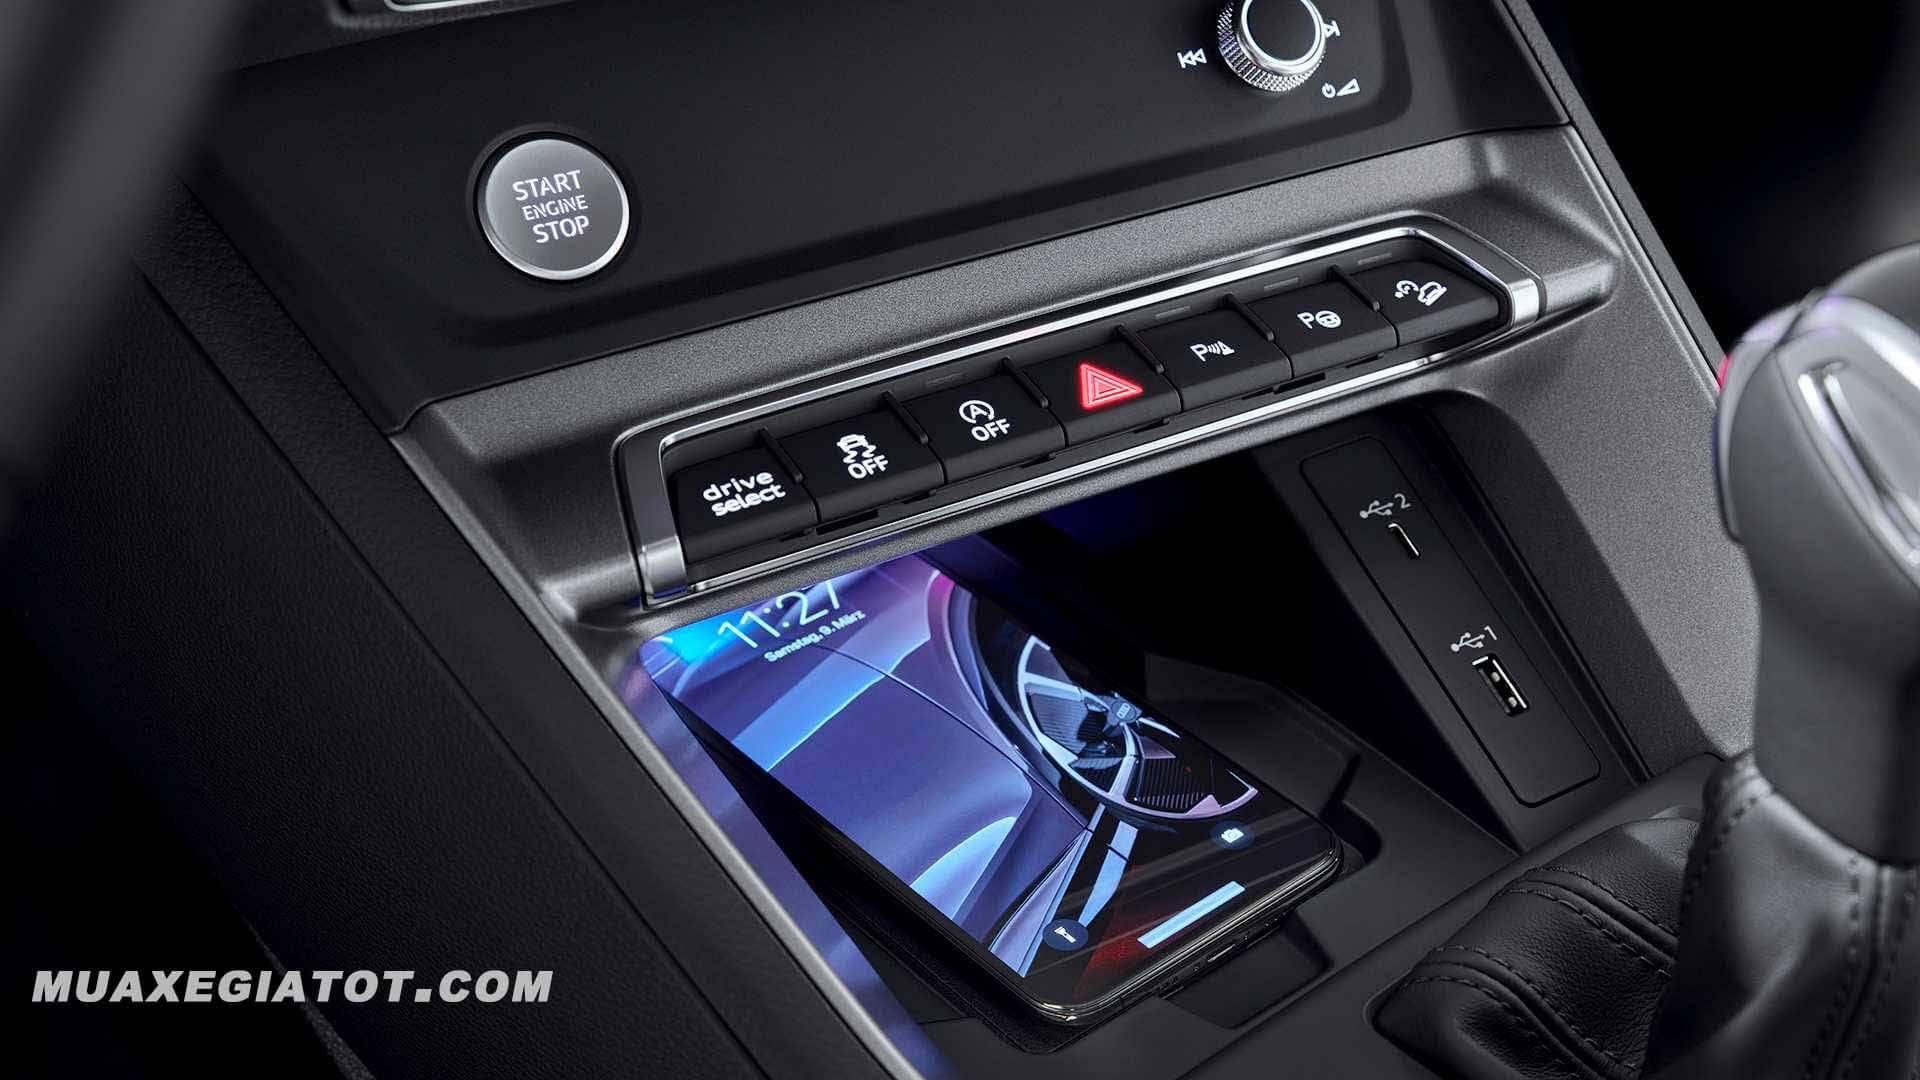 nut-de-xe-audi-q3-sportback-2020-muaxegiatot-com